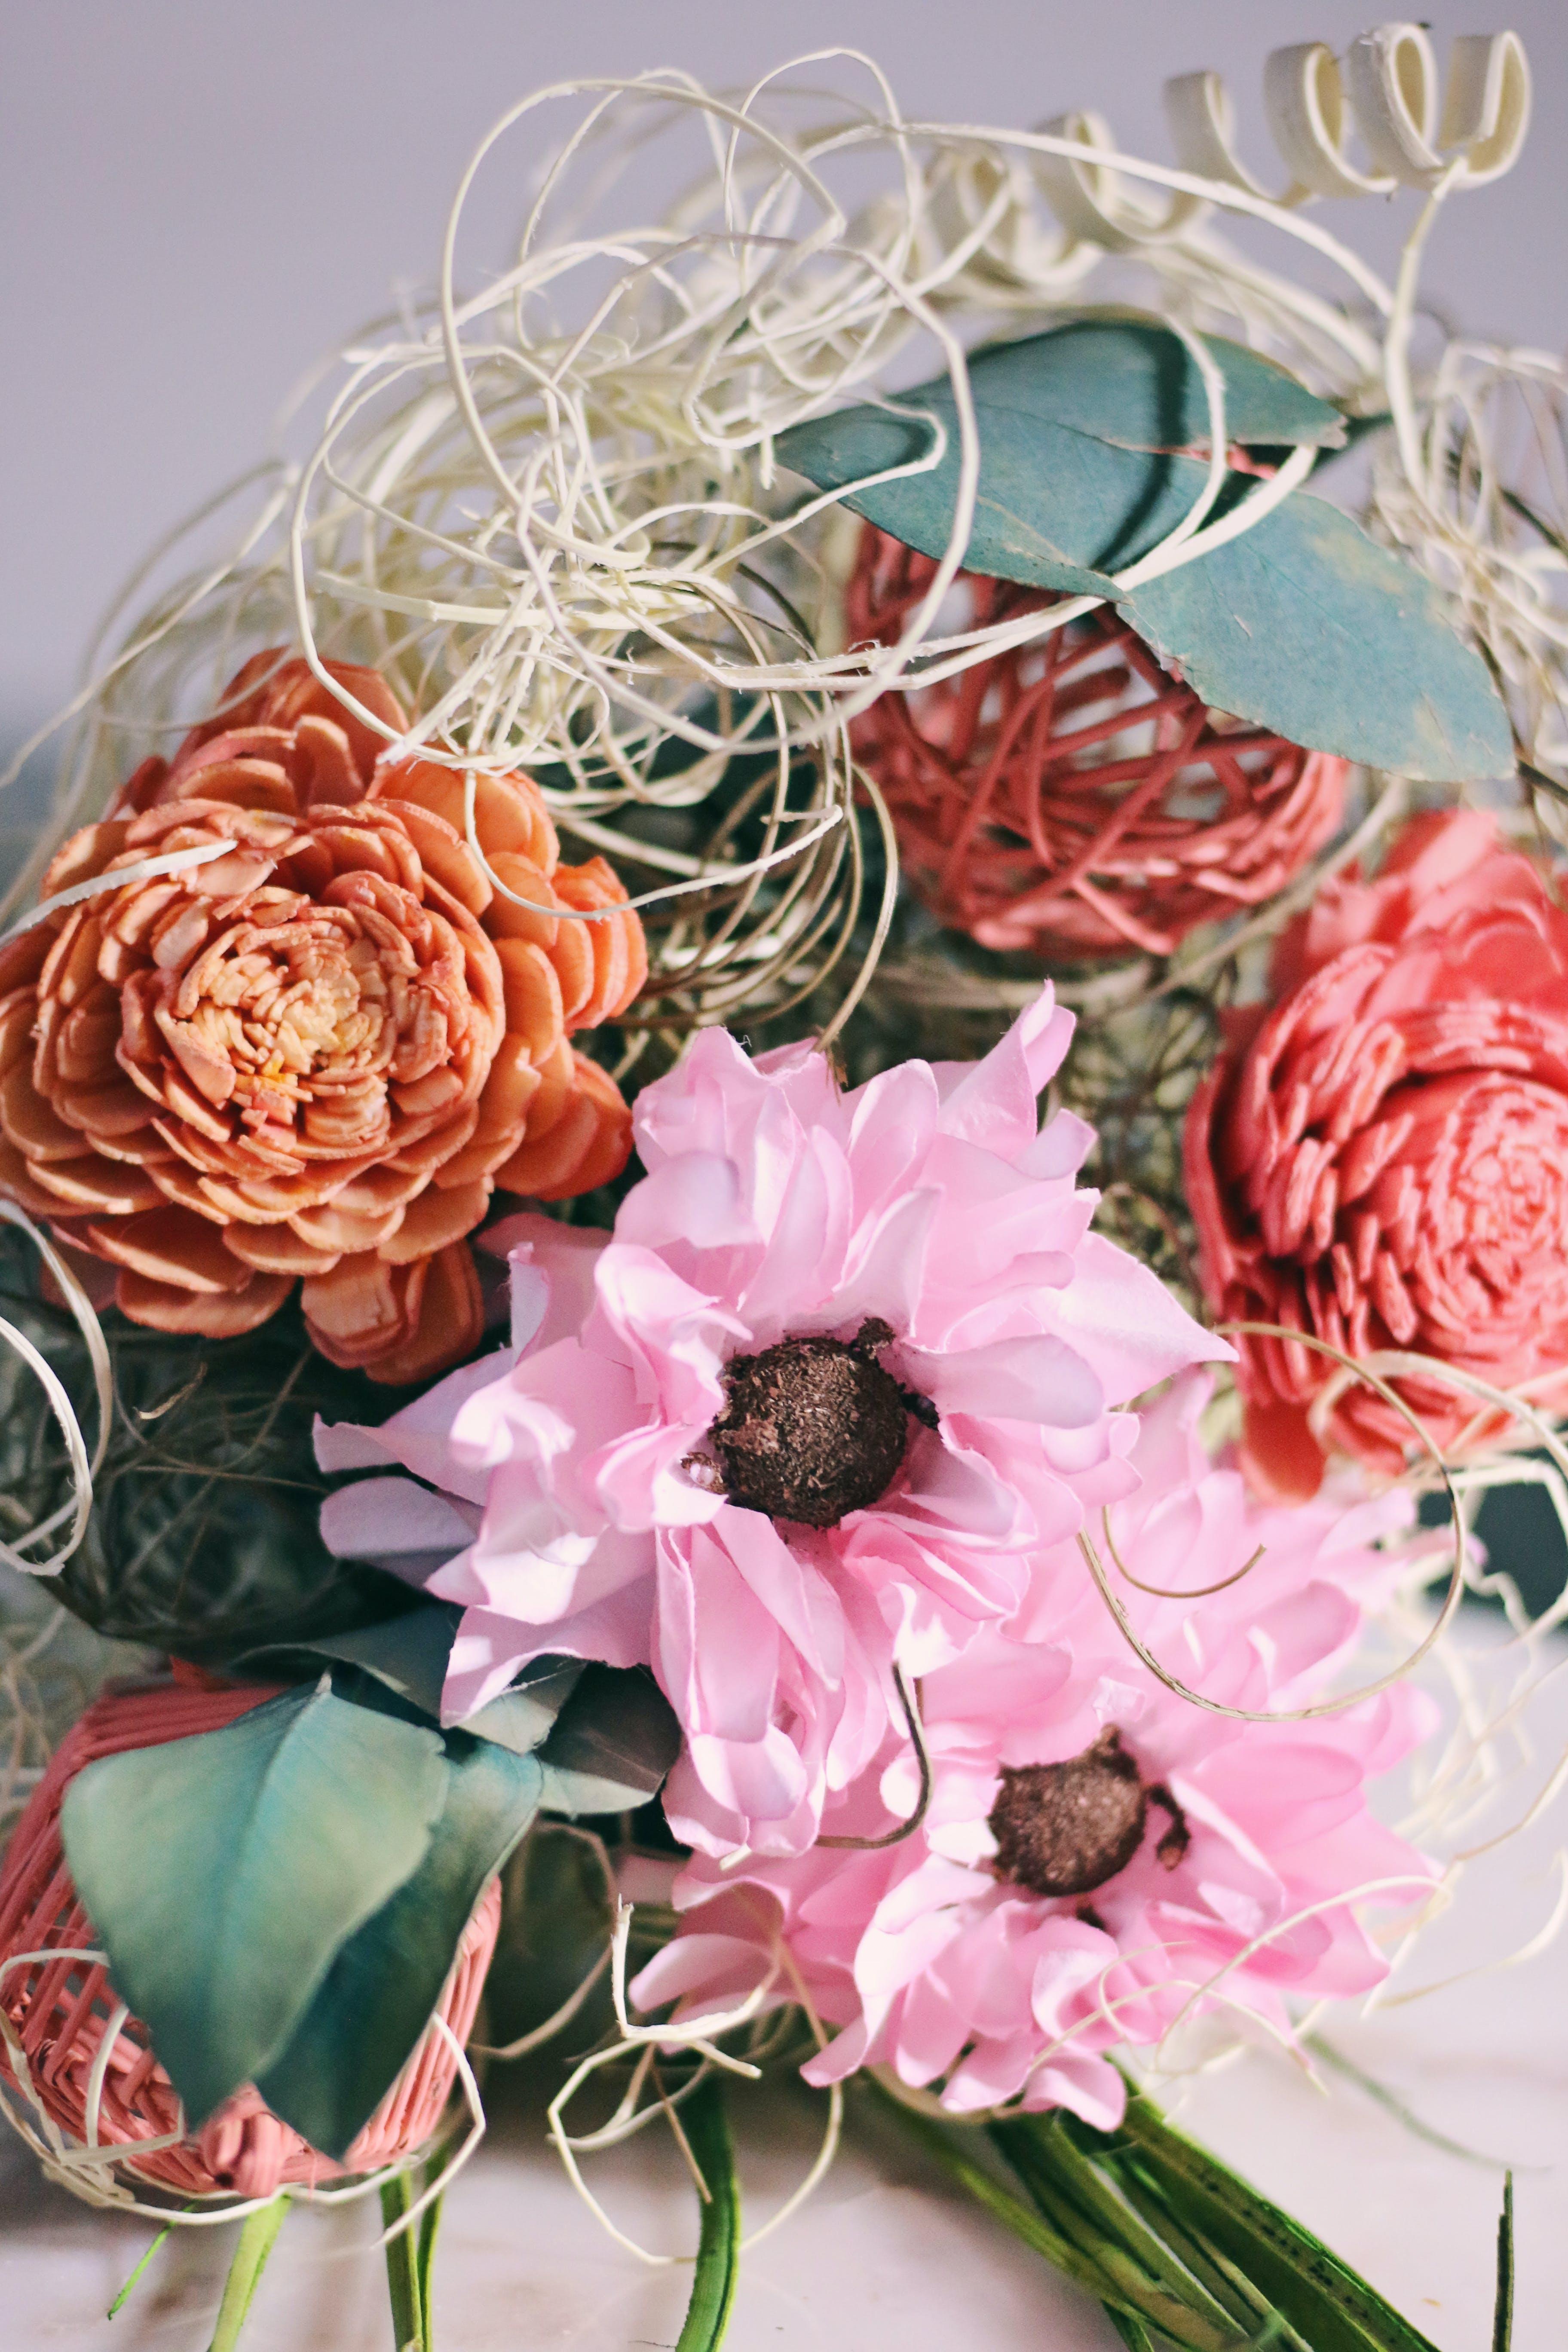 Δωρεάν στοκ φωτογραφιών με ανθίζω, άνθος, λουλούδια, μπουκέτο